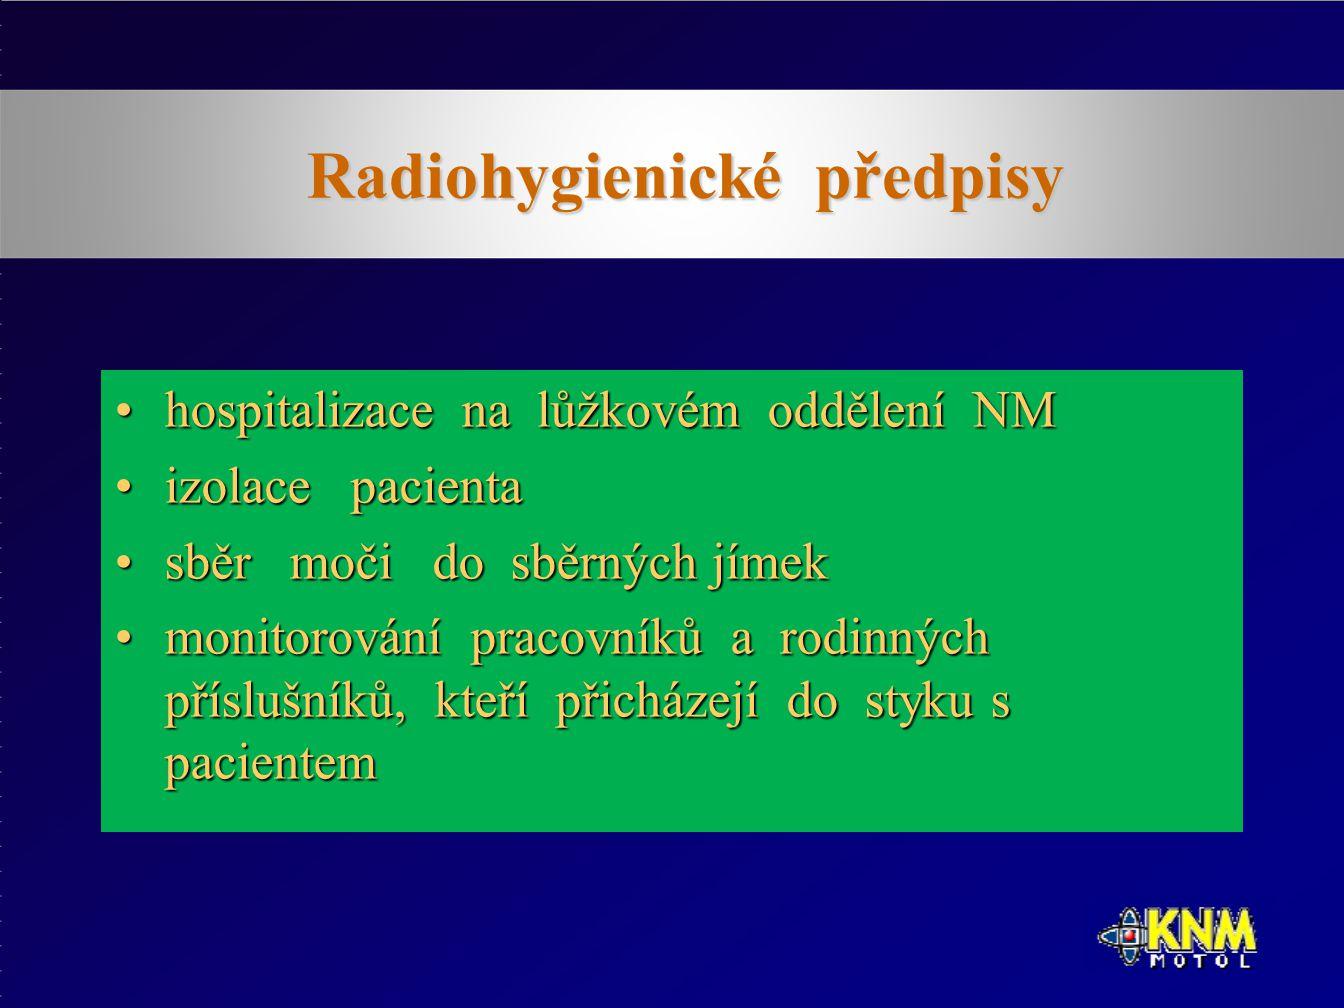 Radiohygienické předpisy hospitalizace na lůžkovém oddělení NMhospitalizace na lůžkovém oddělení NM izolace pacientaizolace pacienta sběr moči do sběrných jímeksběr moči do sběrných jímek monitorování pracovníků a rodinných příslušníků, kteří přicházejí do styku s pacientemmonitorování pracovníků a rodinných příslušníků, kteří přicházejí do styku s pacientem